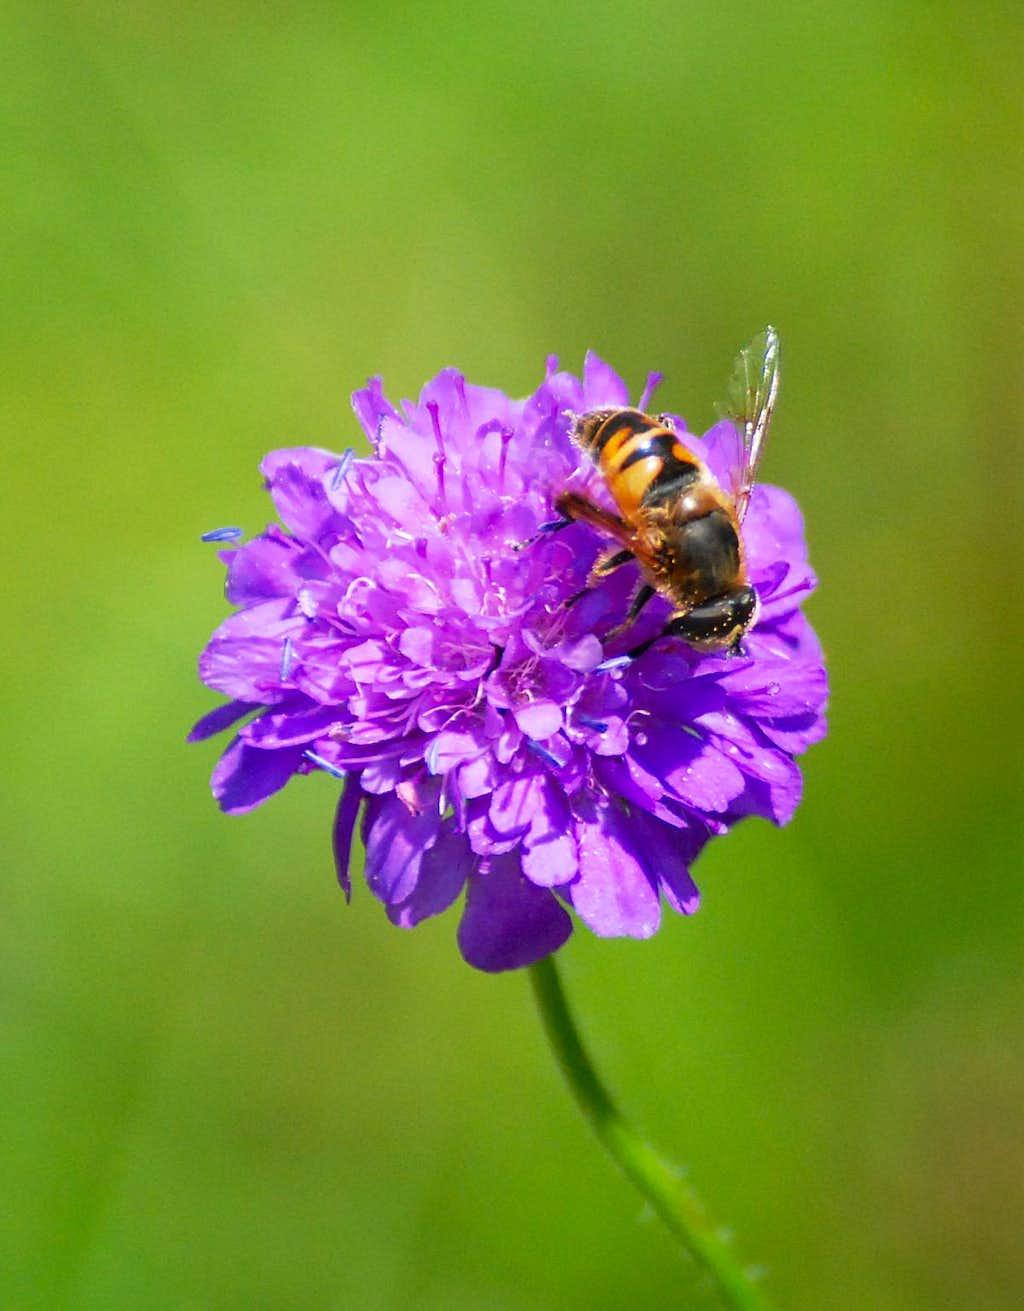 Bee on an Aravis flower